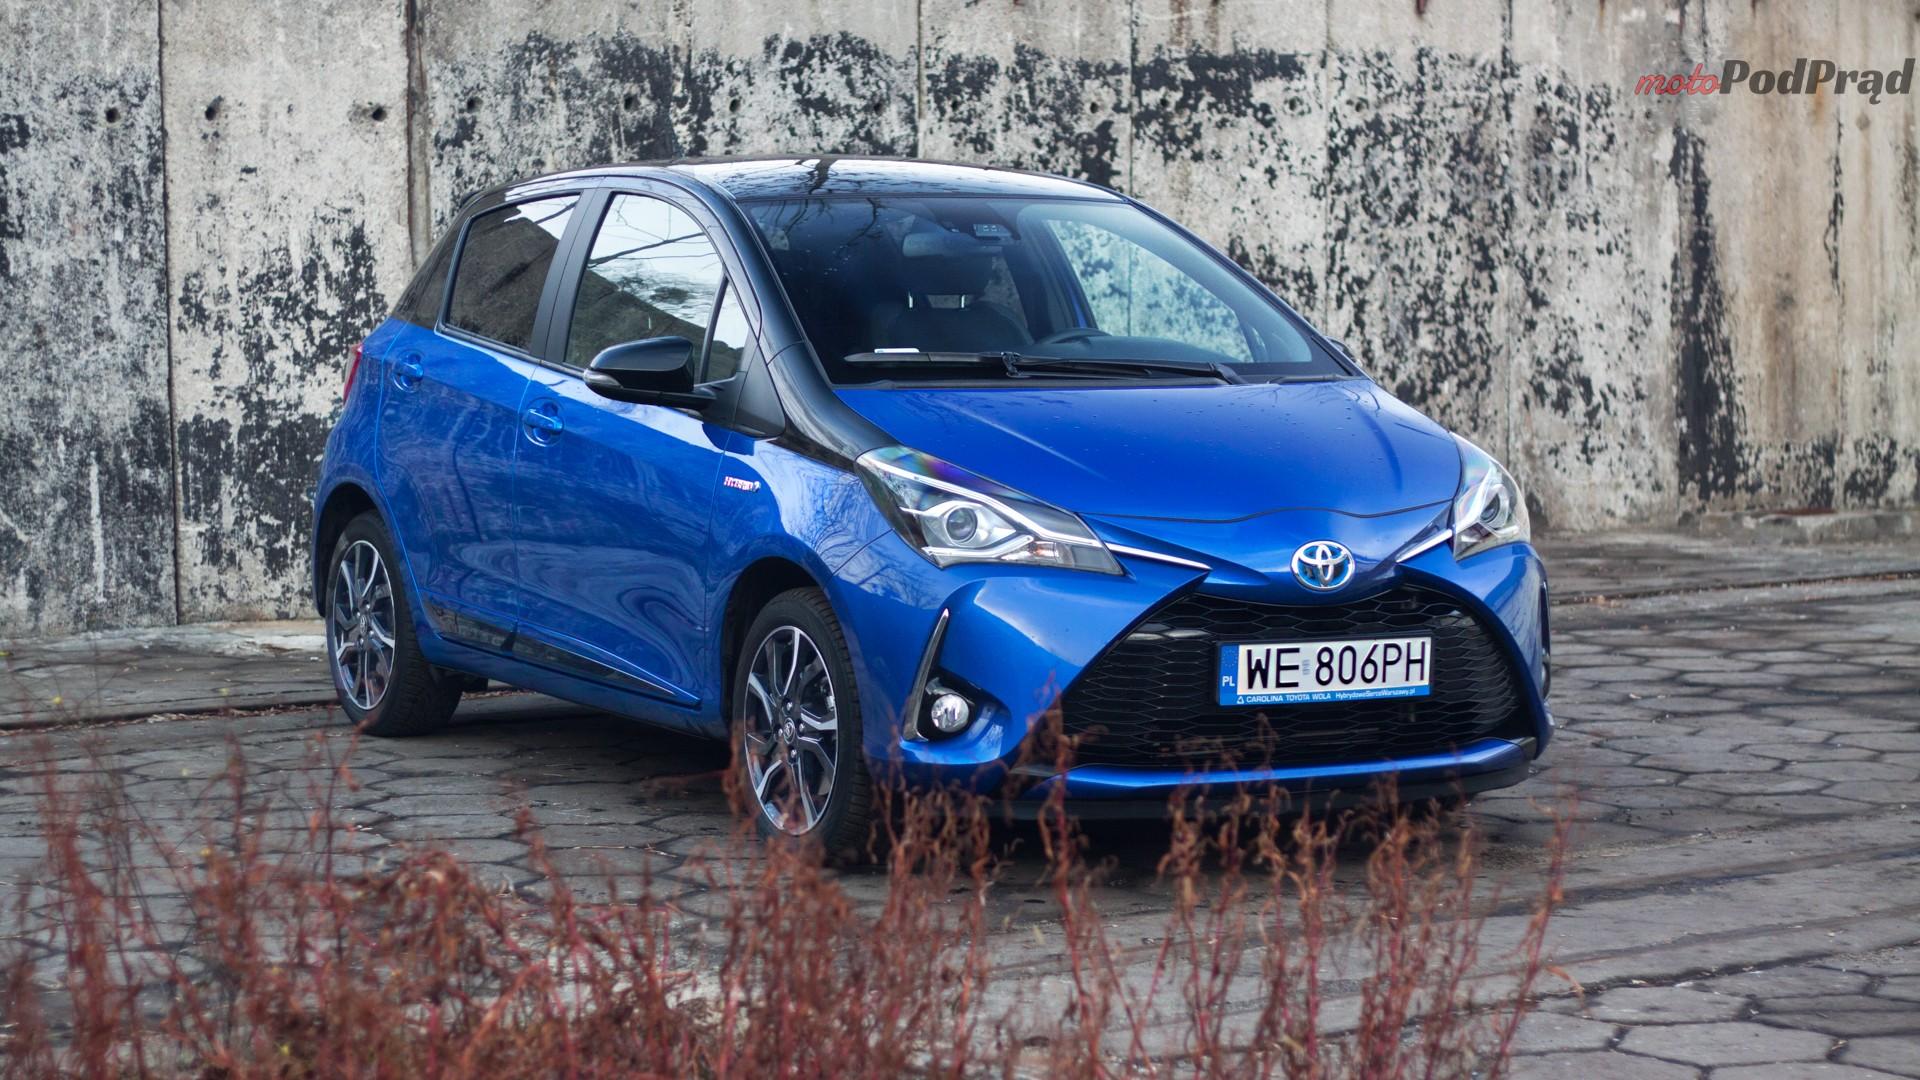 toyota yaris hybrydowa hybrid 2017 selection półprofil maska niebieska bok 1 Najpopularniejsze samochody w krajach europejskich